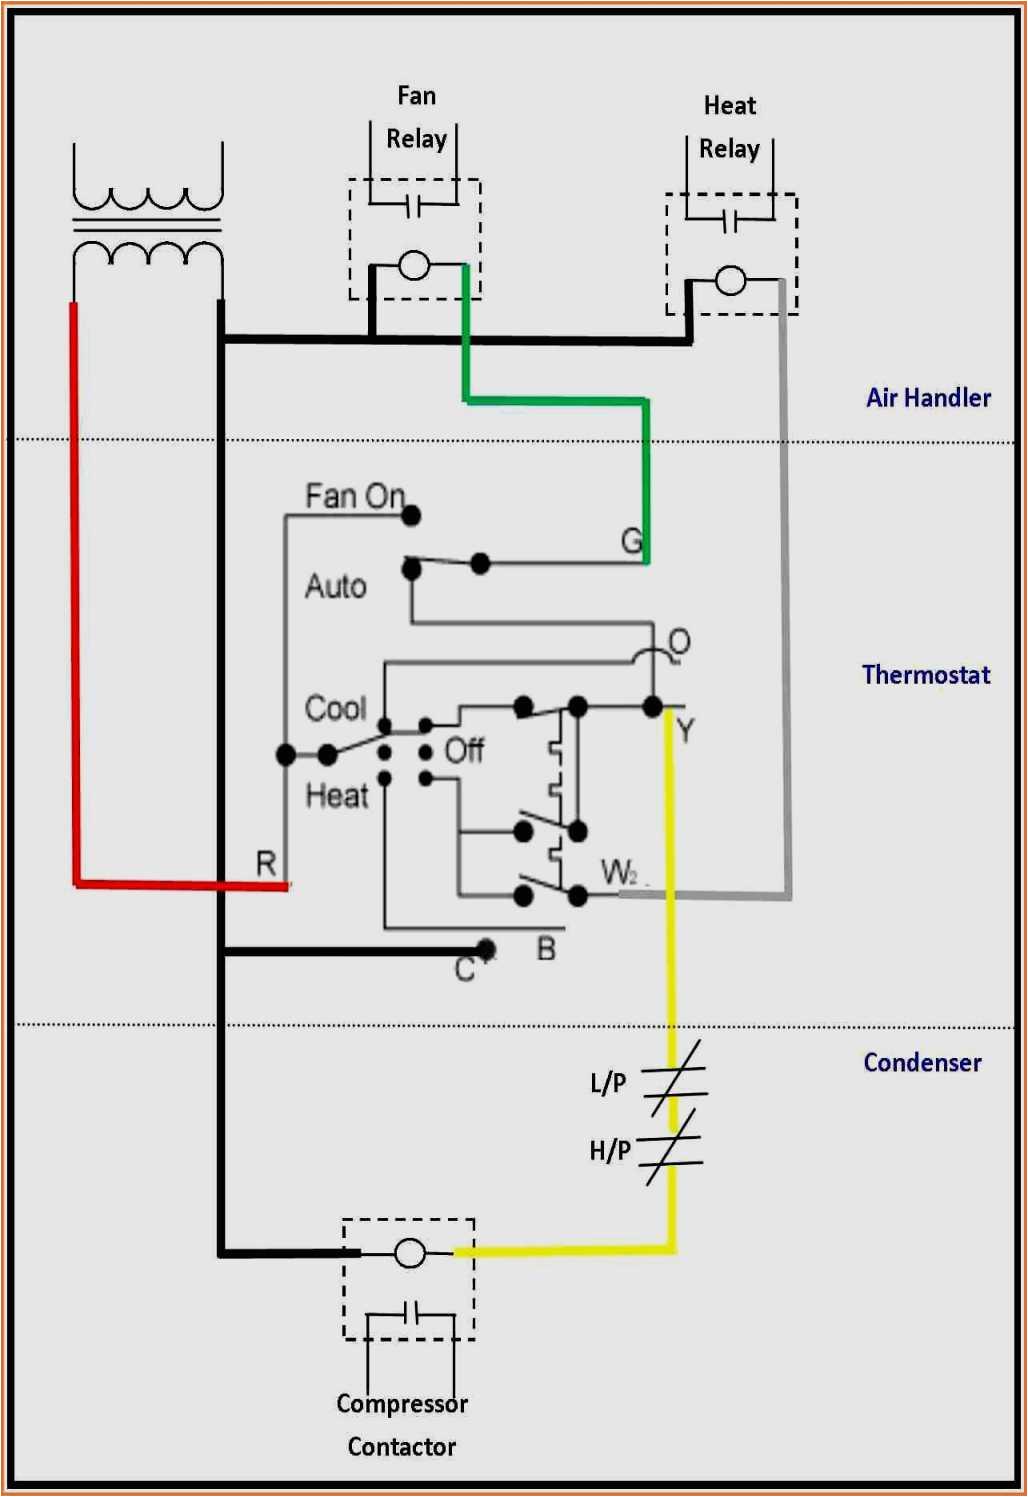 Ac Condenser Wiring Diagram Ac Condenser Wiring Wiring Diagram View